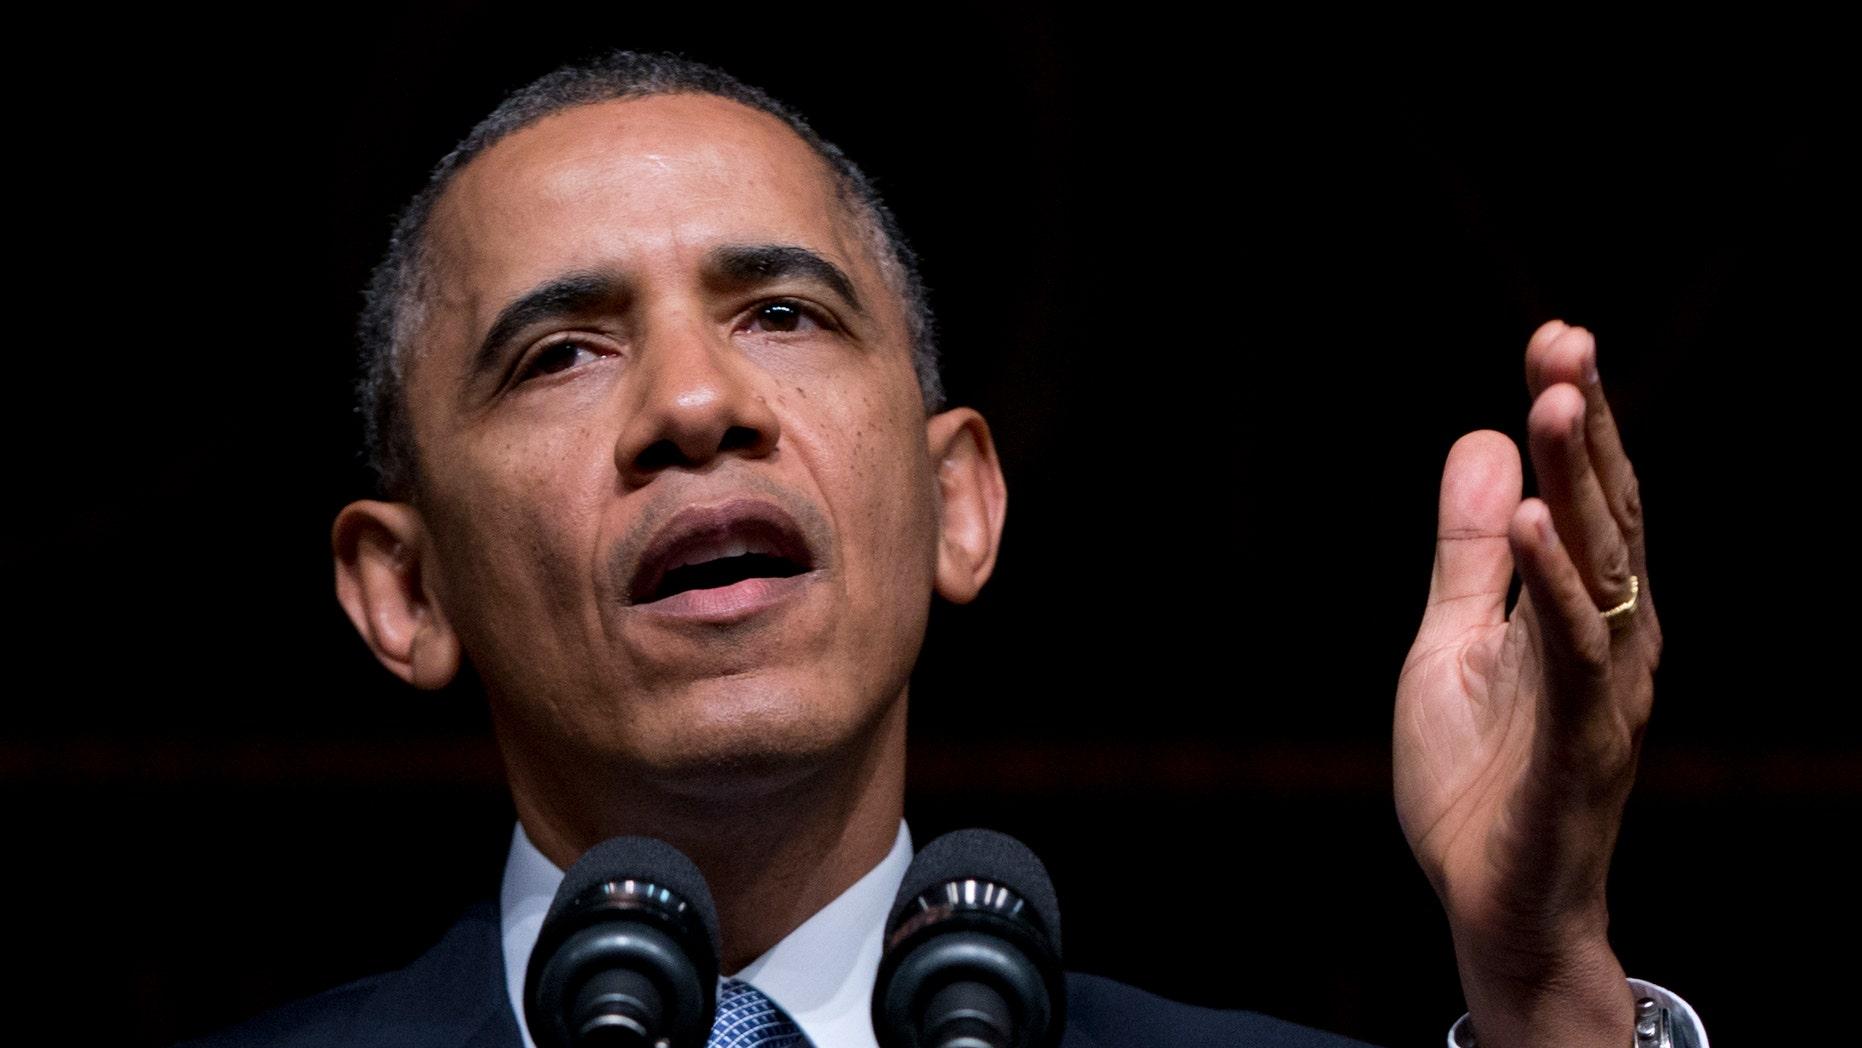 El presidente Barack Obama habla en la Biblioteca Presidencial LBJ, el jueves 10 de abril de 2014, en Austin, Texas, durante la conmemoración del 50mo aniversario de la firma de la Ley de Derechos Civiles. (Foto AP/Carolyn Kaster)